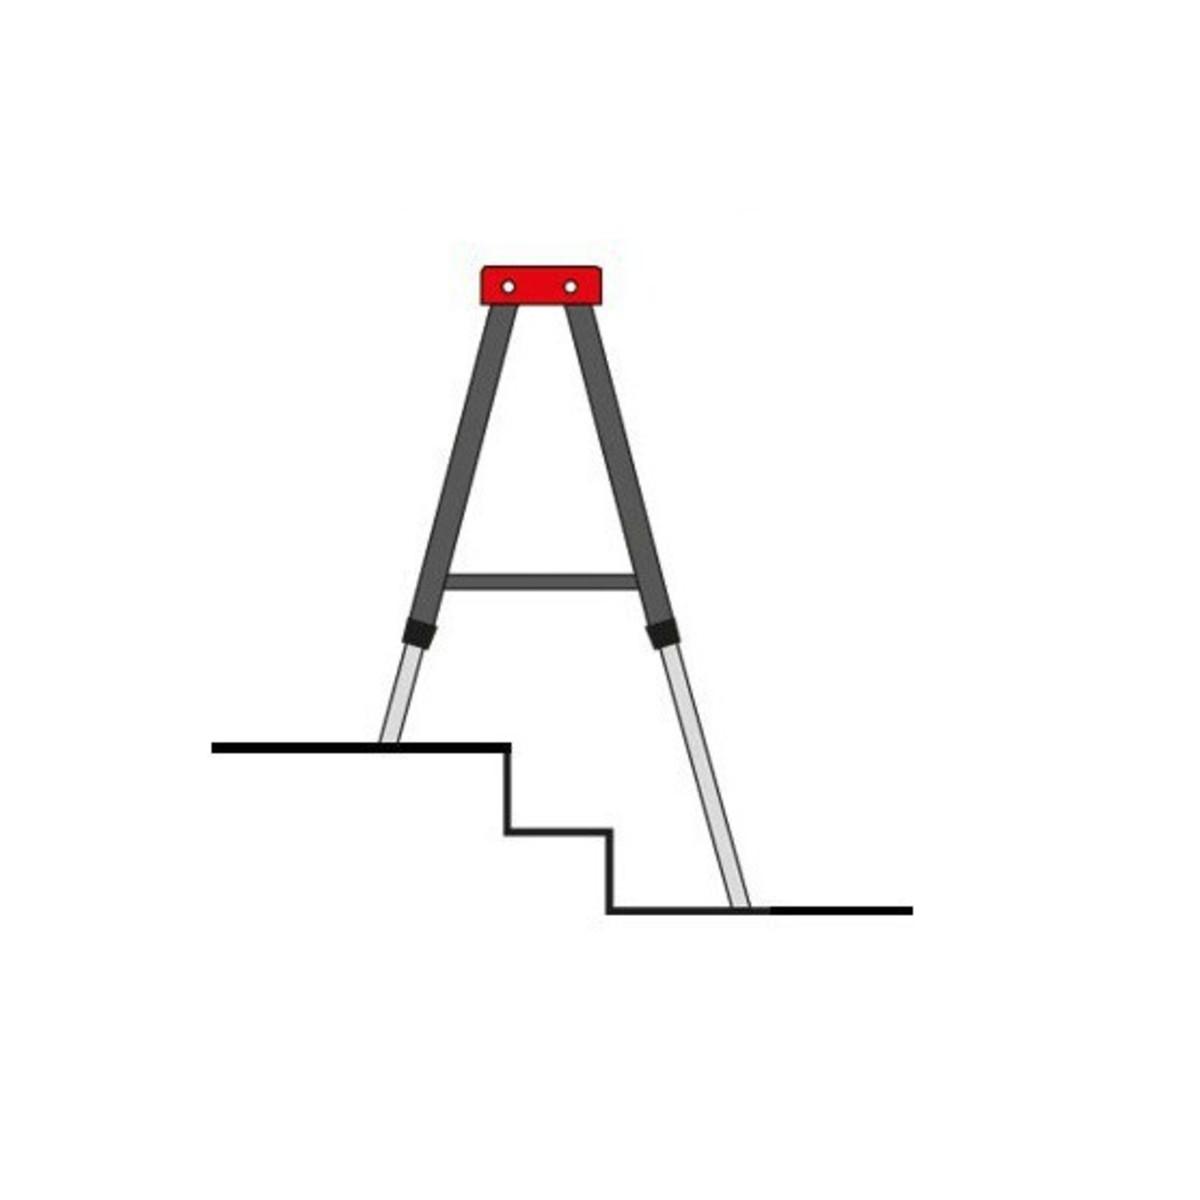 Bild 2 von Kraft Werkzeuge Vario-Arbeitsbock, höhenverstellbar, 2er-Set